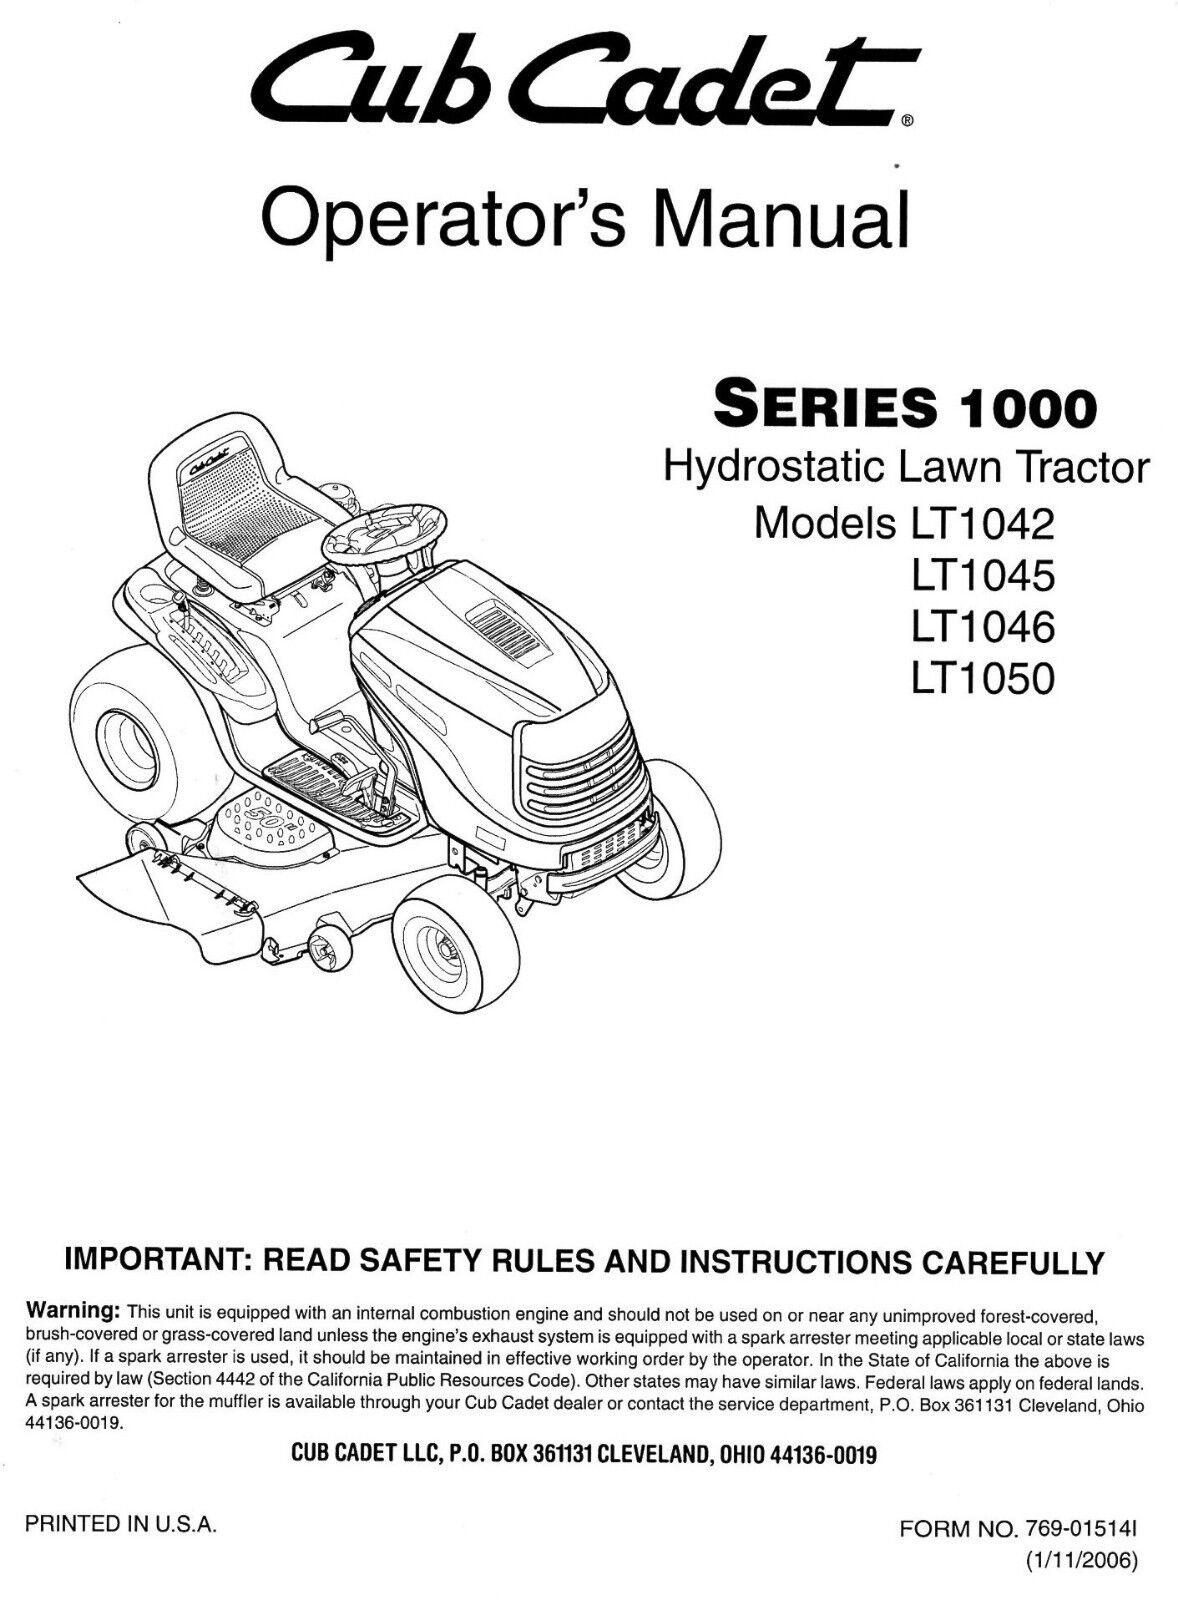 cub cadet models lt1042 lt1045 lt1046 and lt1050 owners operators rh ebay com cub cadet lt 1050 service manual cub cadet ltx 1050 user manual